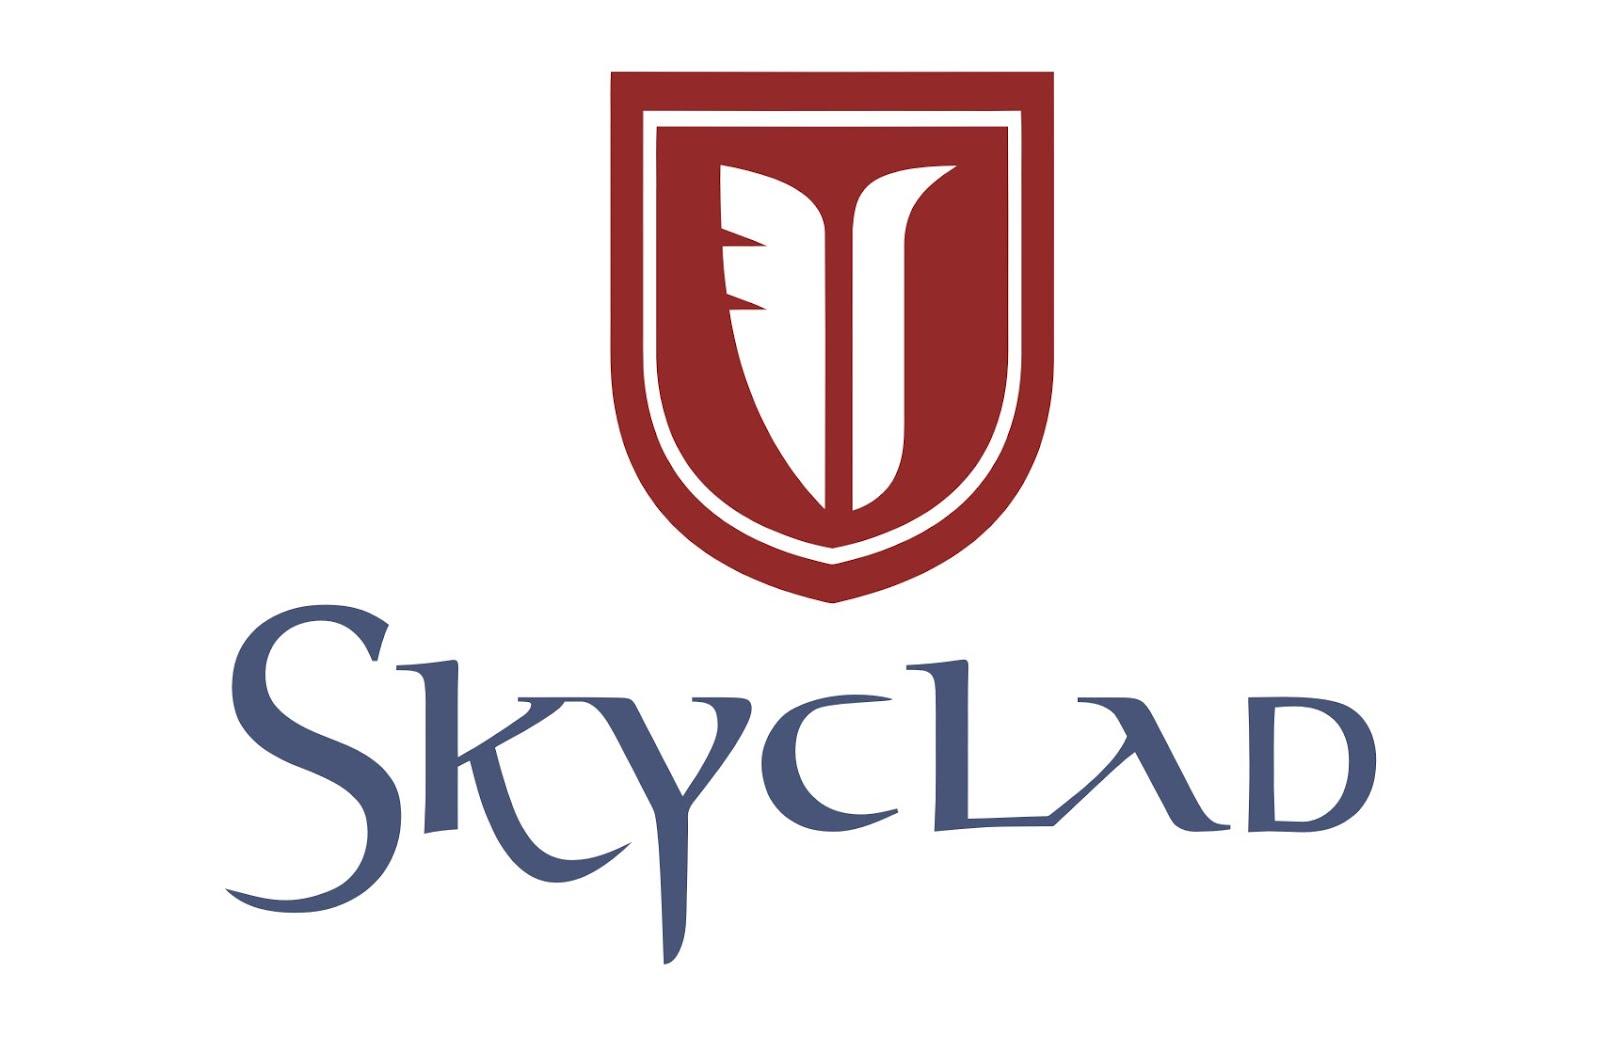 skyclad-symbol_back_vector